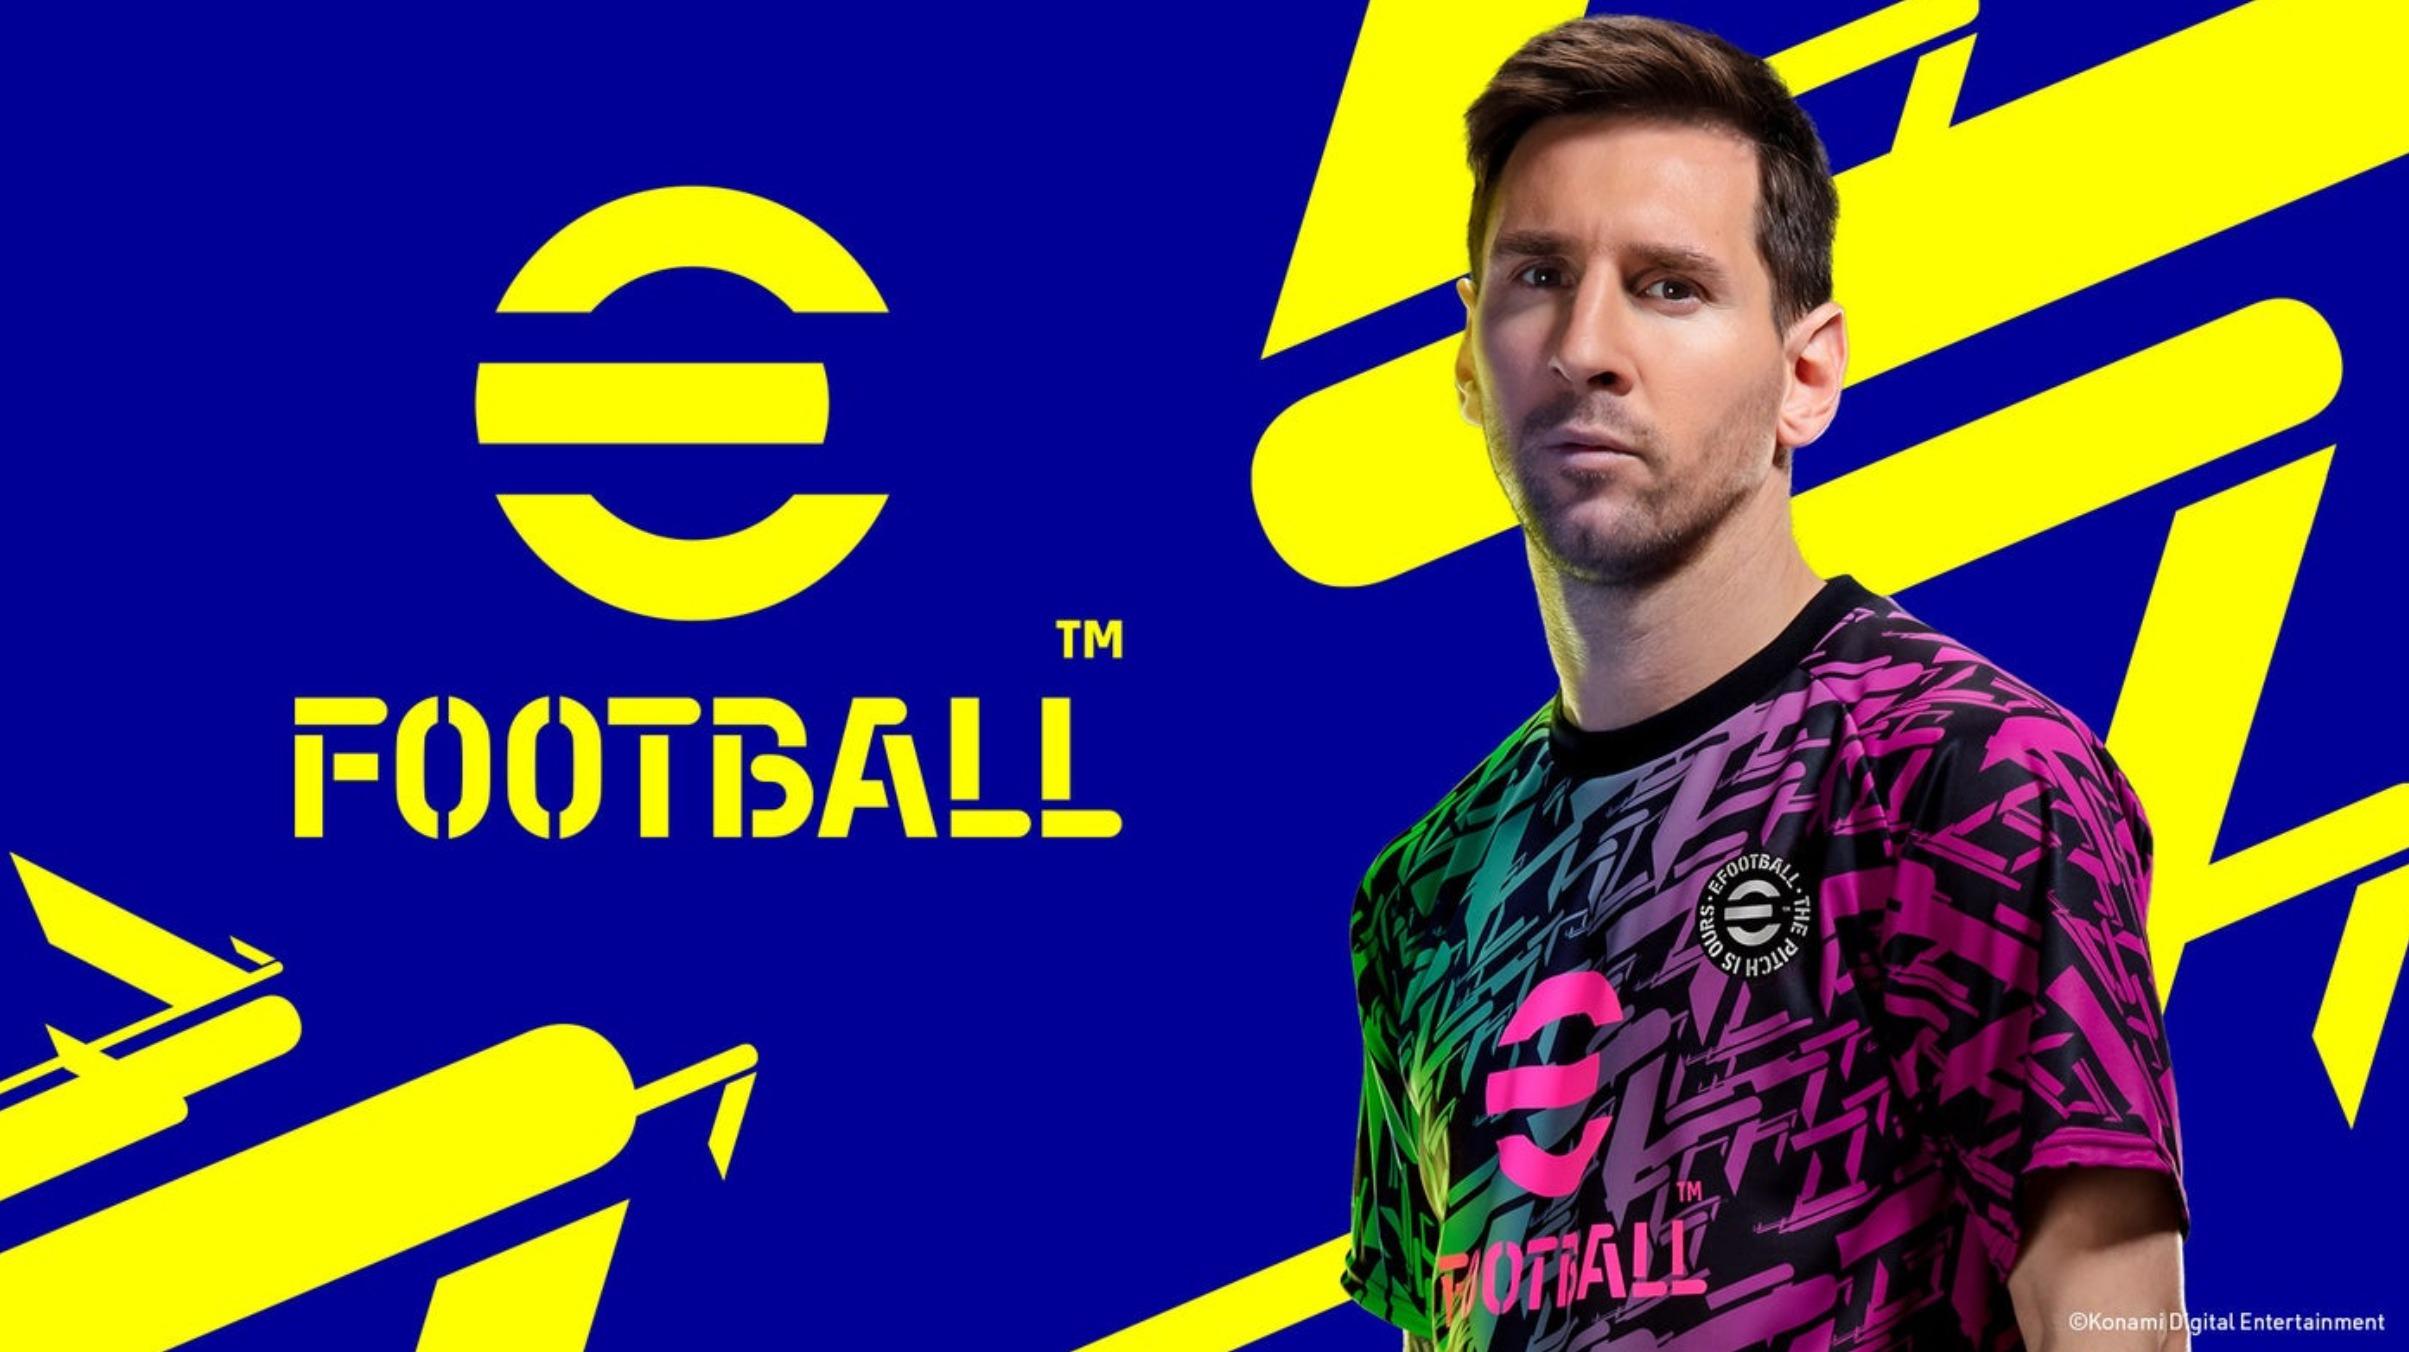 PES serisinin yeni ücretsiz oyunu eFootball detayları sizlerle!